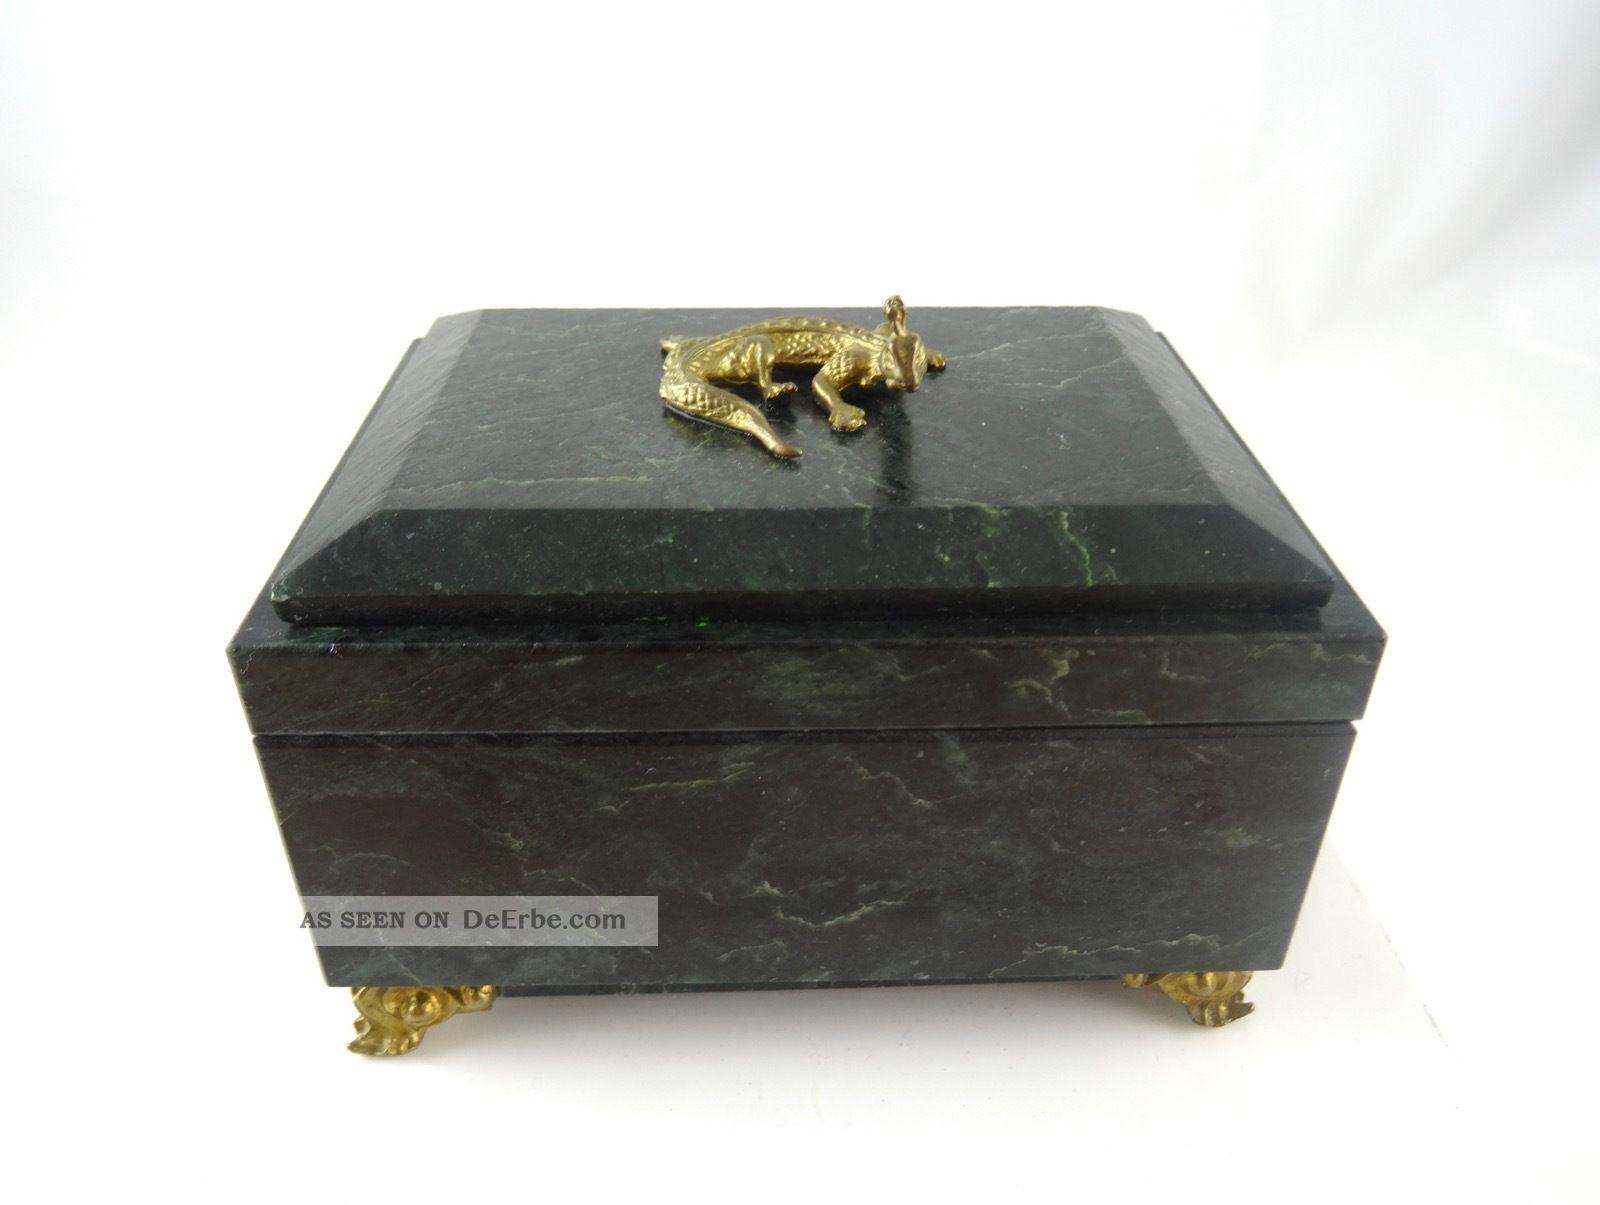 Seltene GrÜne Marmor Art Deco Schmuck Schatulle Mit Bronze Echse Antik KÄstchen 1920-1949, Art Déco Bild